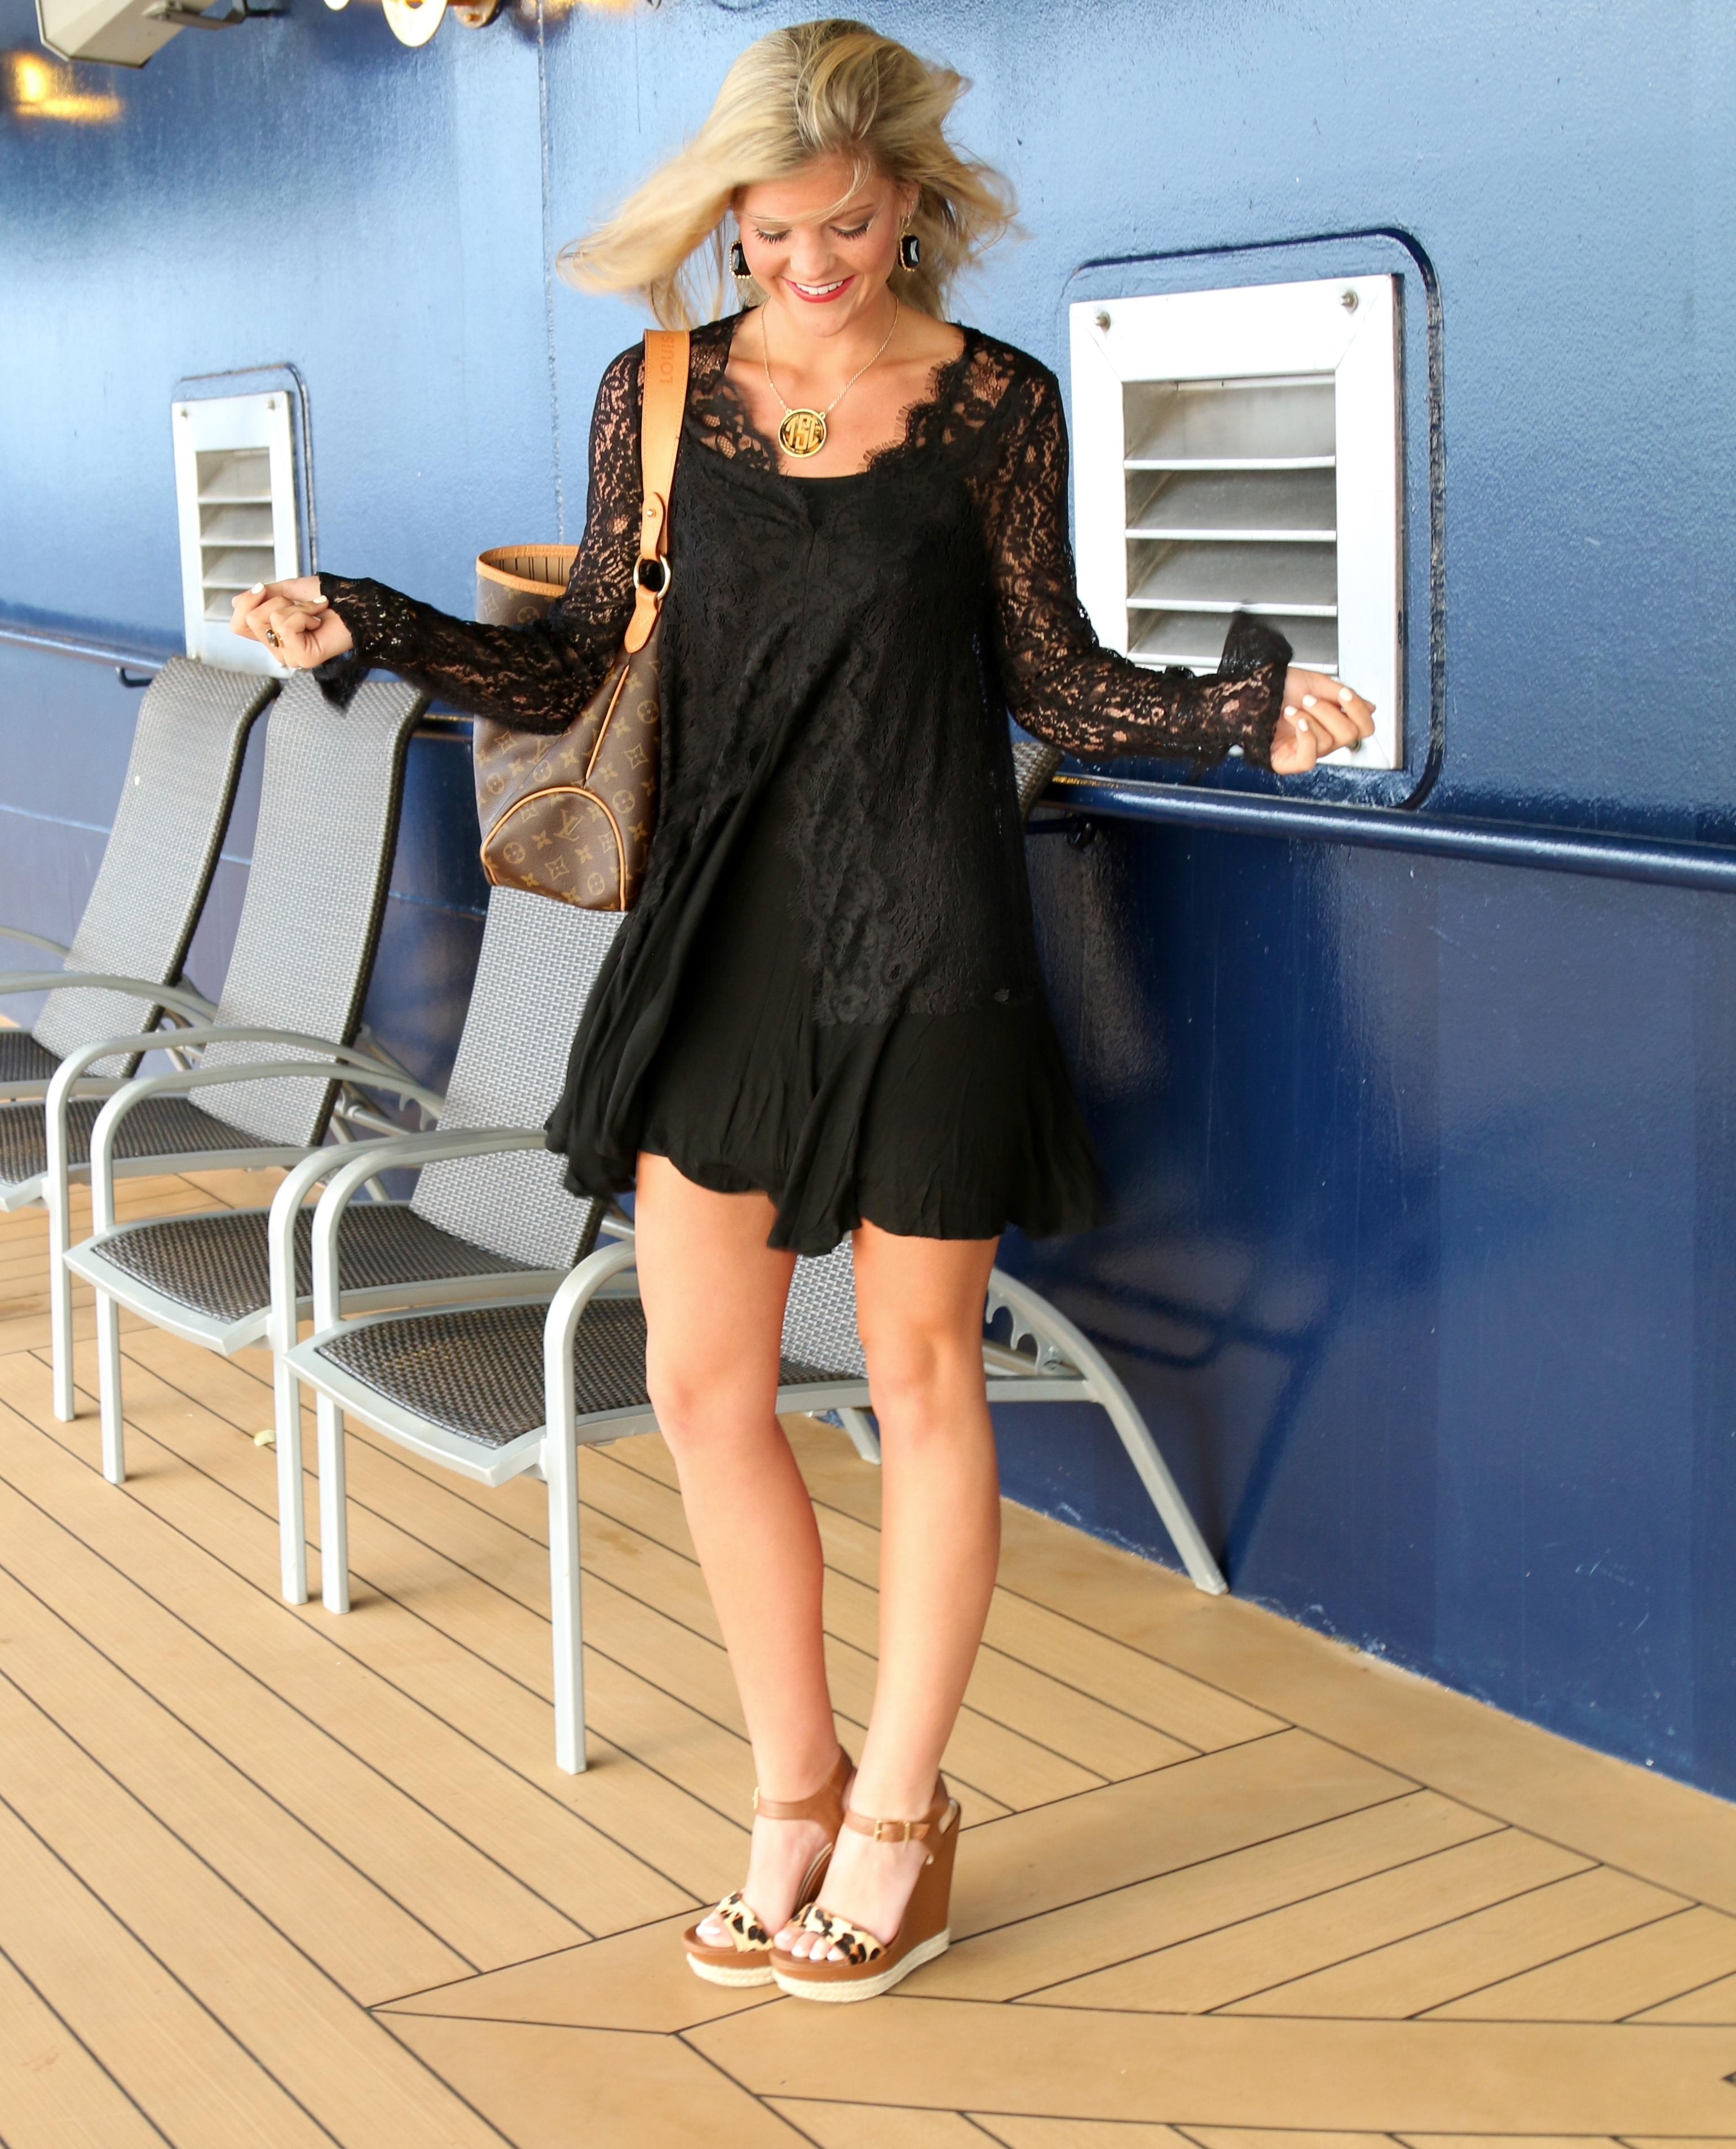 Lace Black Dress & Leopard Heels